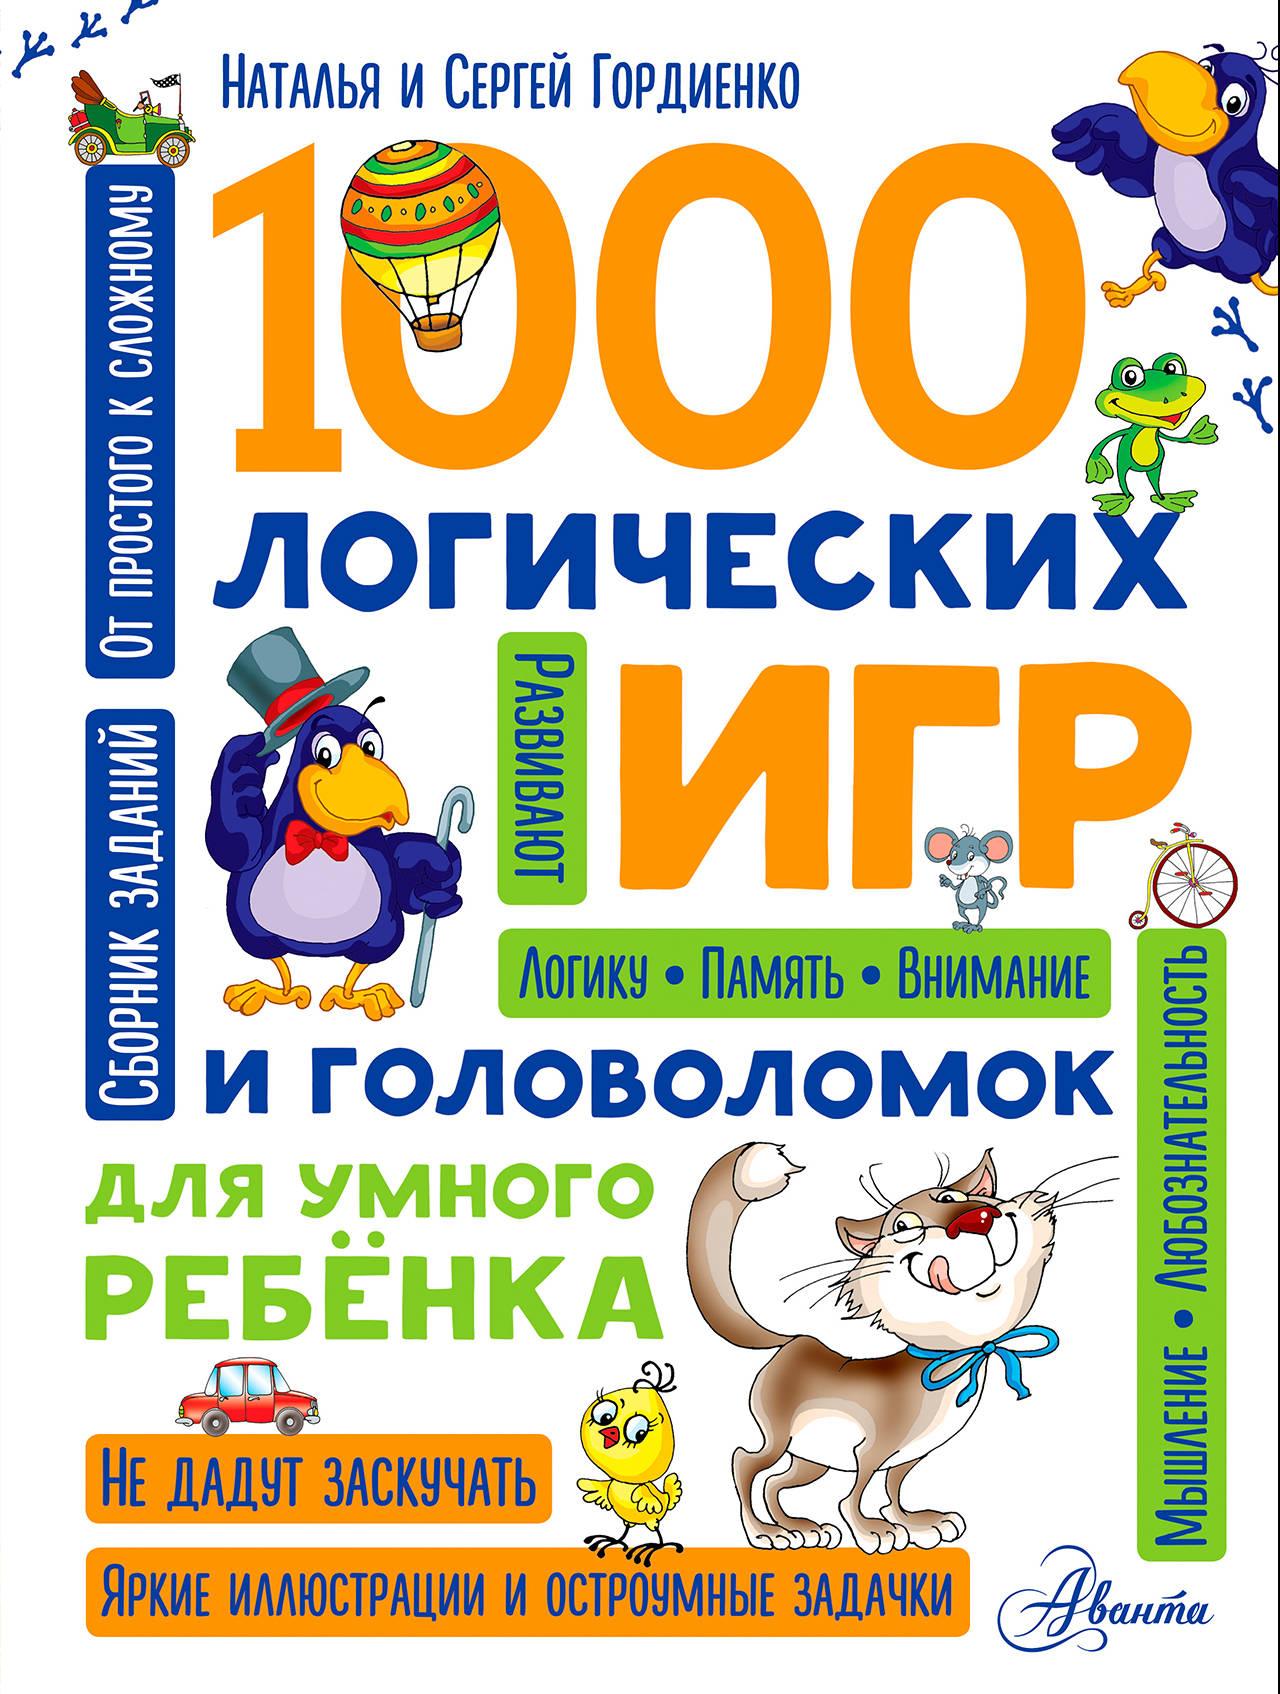 Наталья и Сергей Гордиенко 1000 логических игр и головоломок для умного ребенка ISBN: 978-5-17-102882-4 евгений корнилов программирование шахмат и других логических игр